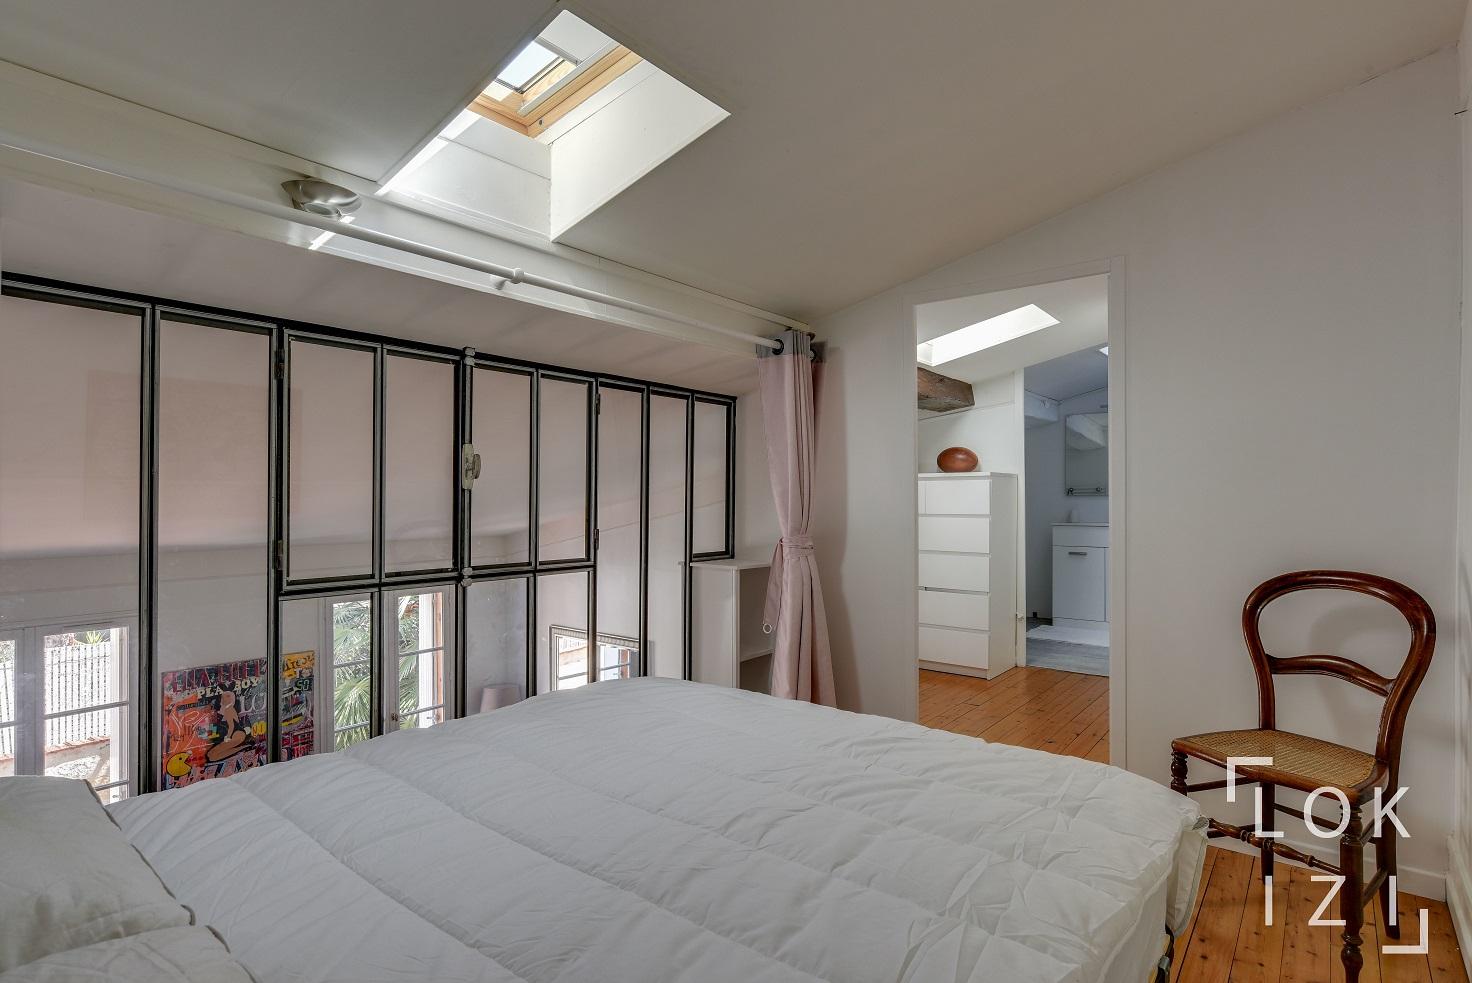 Location Appartement Meublé 2 Pièces 59M² (Bordeaux Centre encequiconcerne Studio Meublé Bordeaux